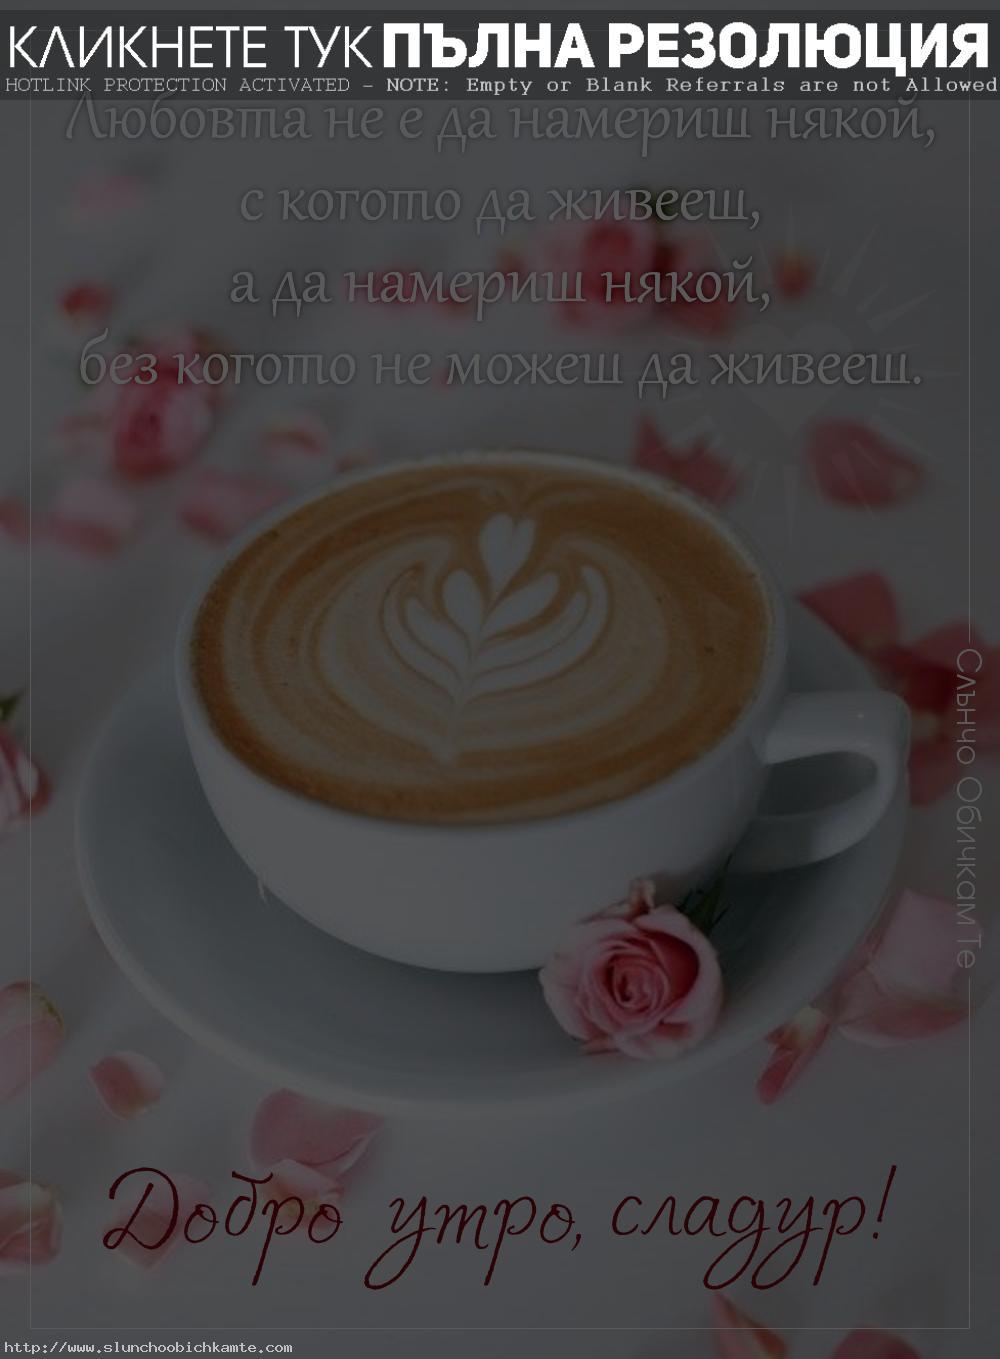 Добро утро сладур - Любовта не е да намериш някой, с когото да живееш, а без когото не можеш да живееш. Картички за добро утро с кафе и обичам те